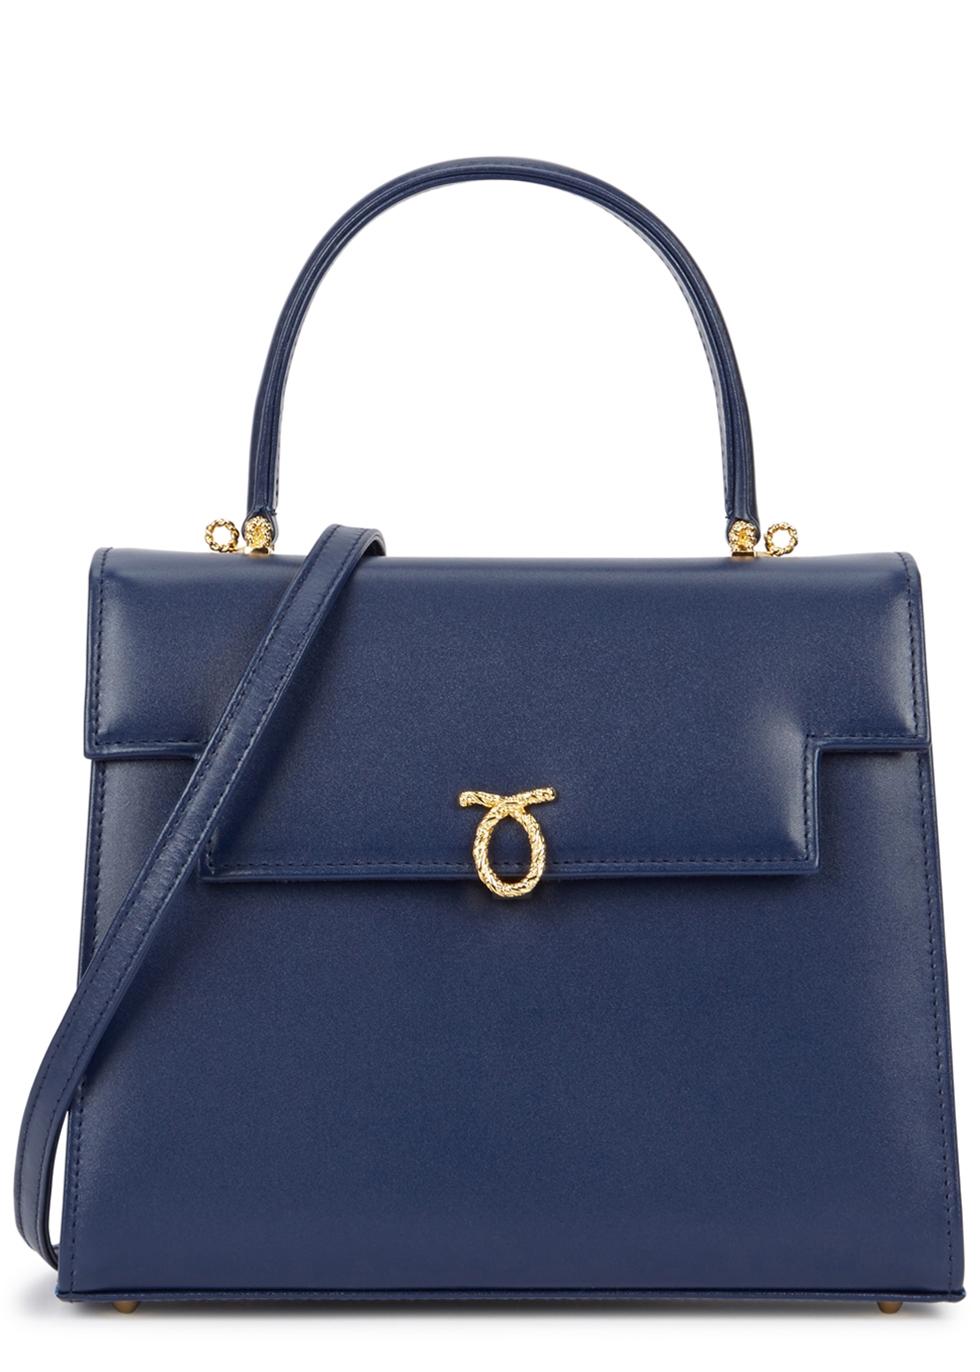 LAUNER Traviata Navy Leather Shoulder Bag